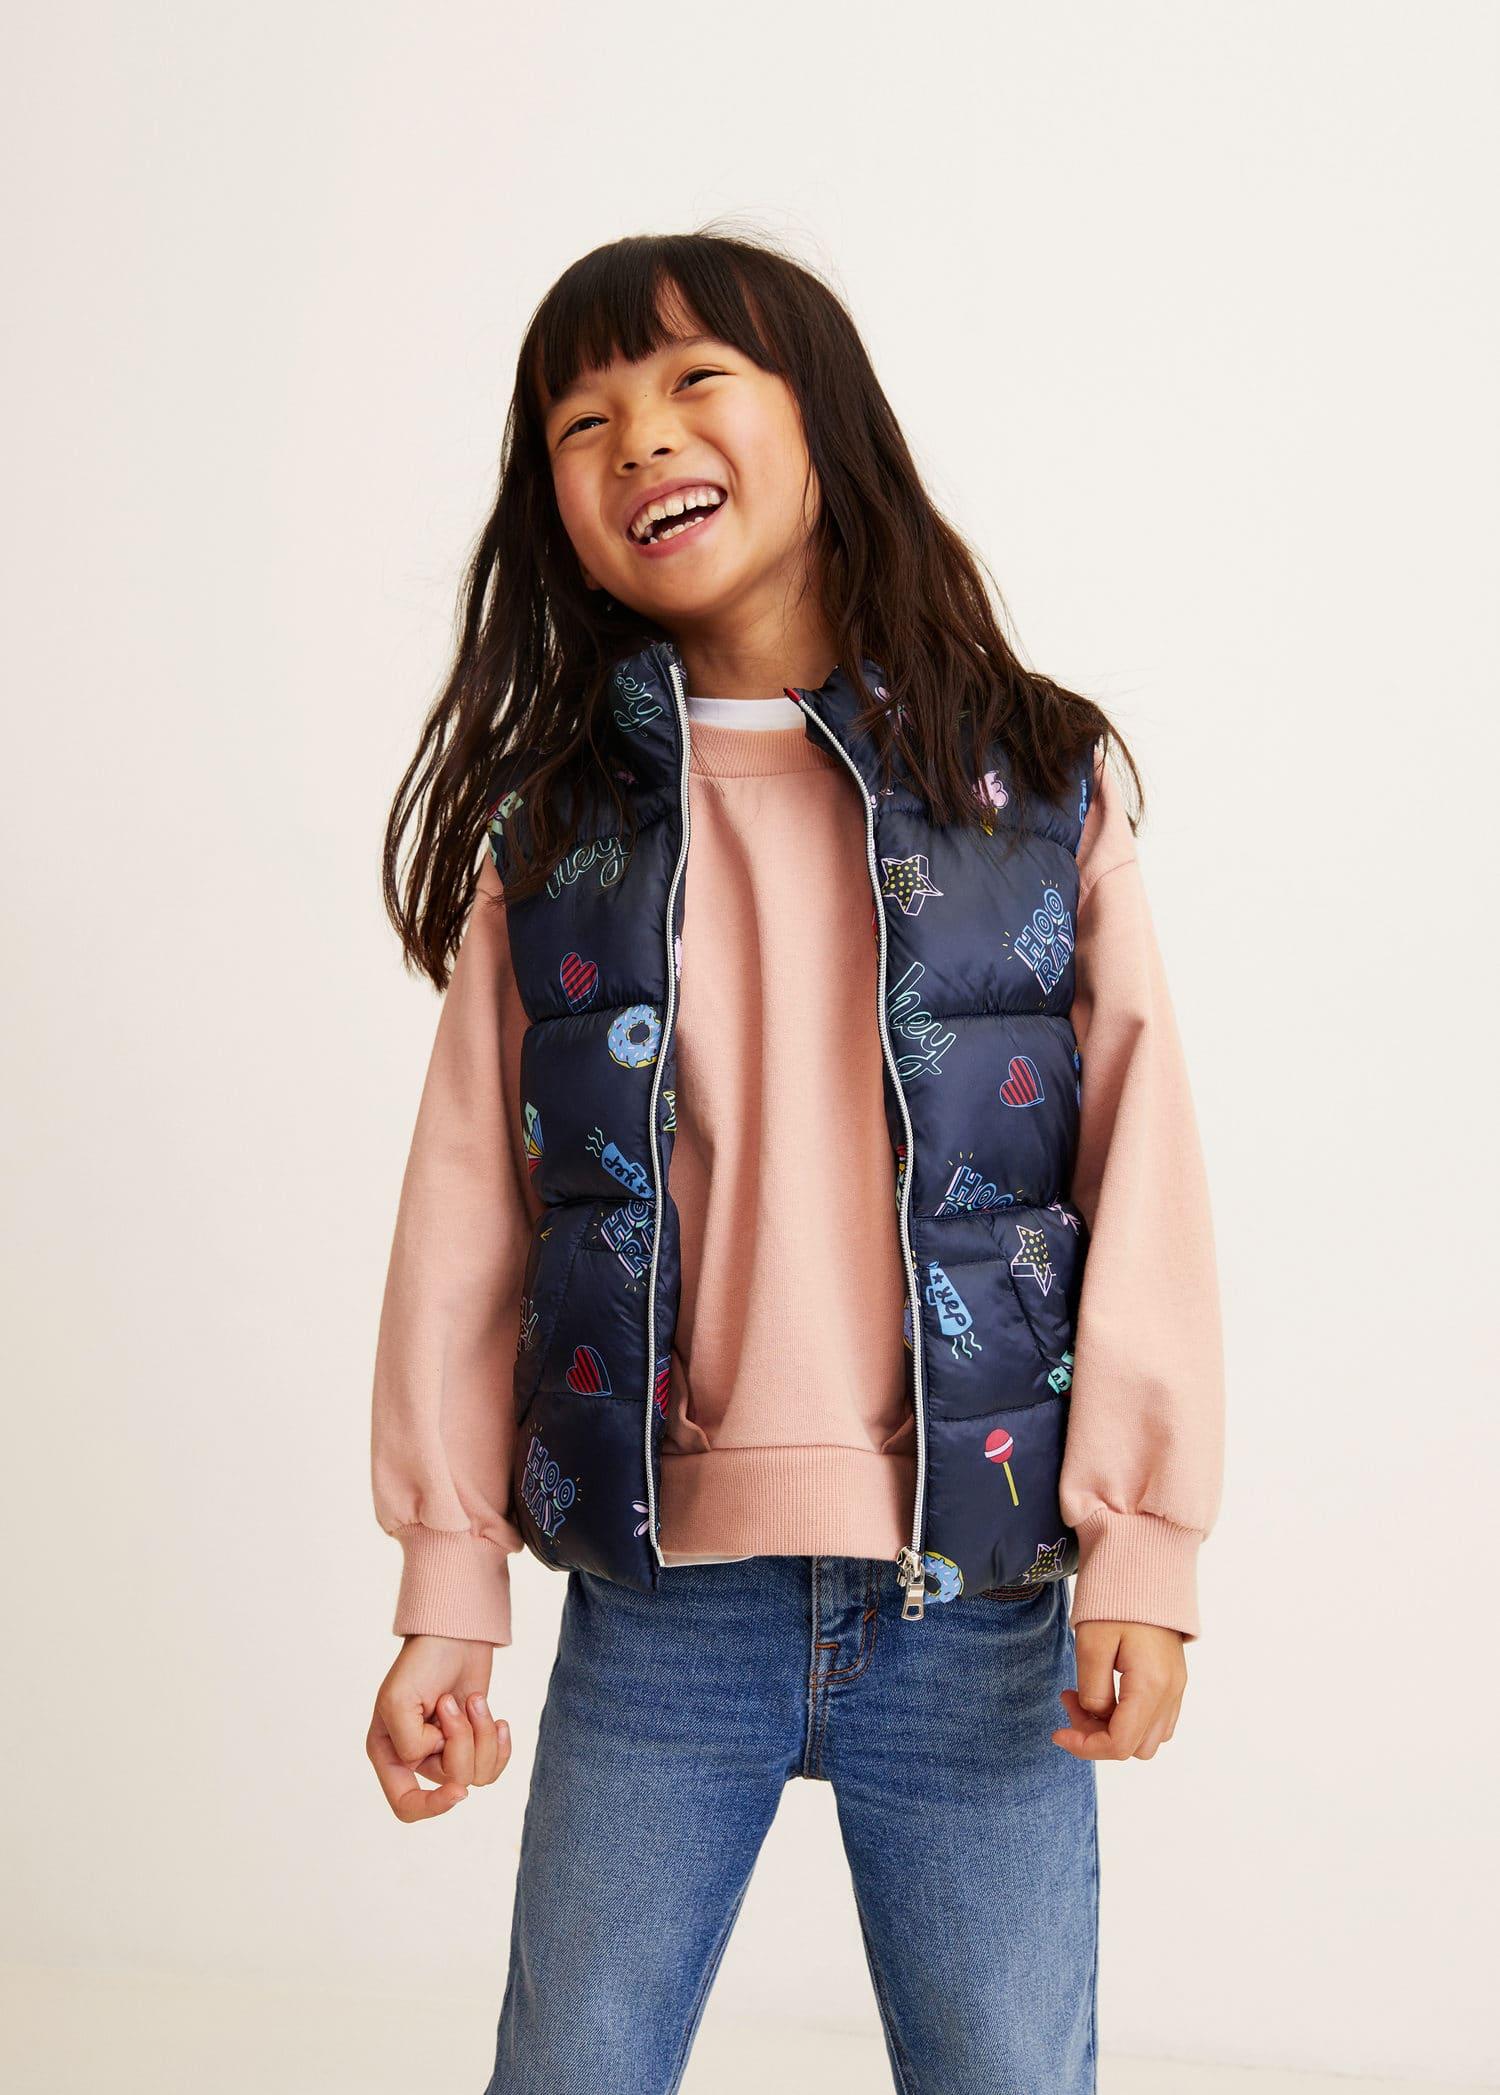 smuts billigt plockade upp exklusiva skor Vadderad väst tryckt - Flicka | Mango Kids Sverige